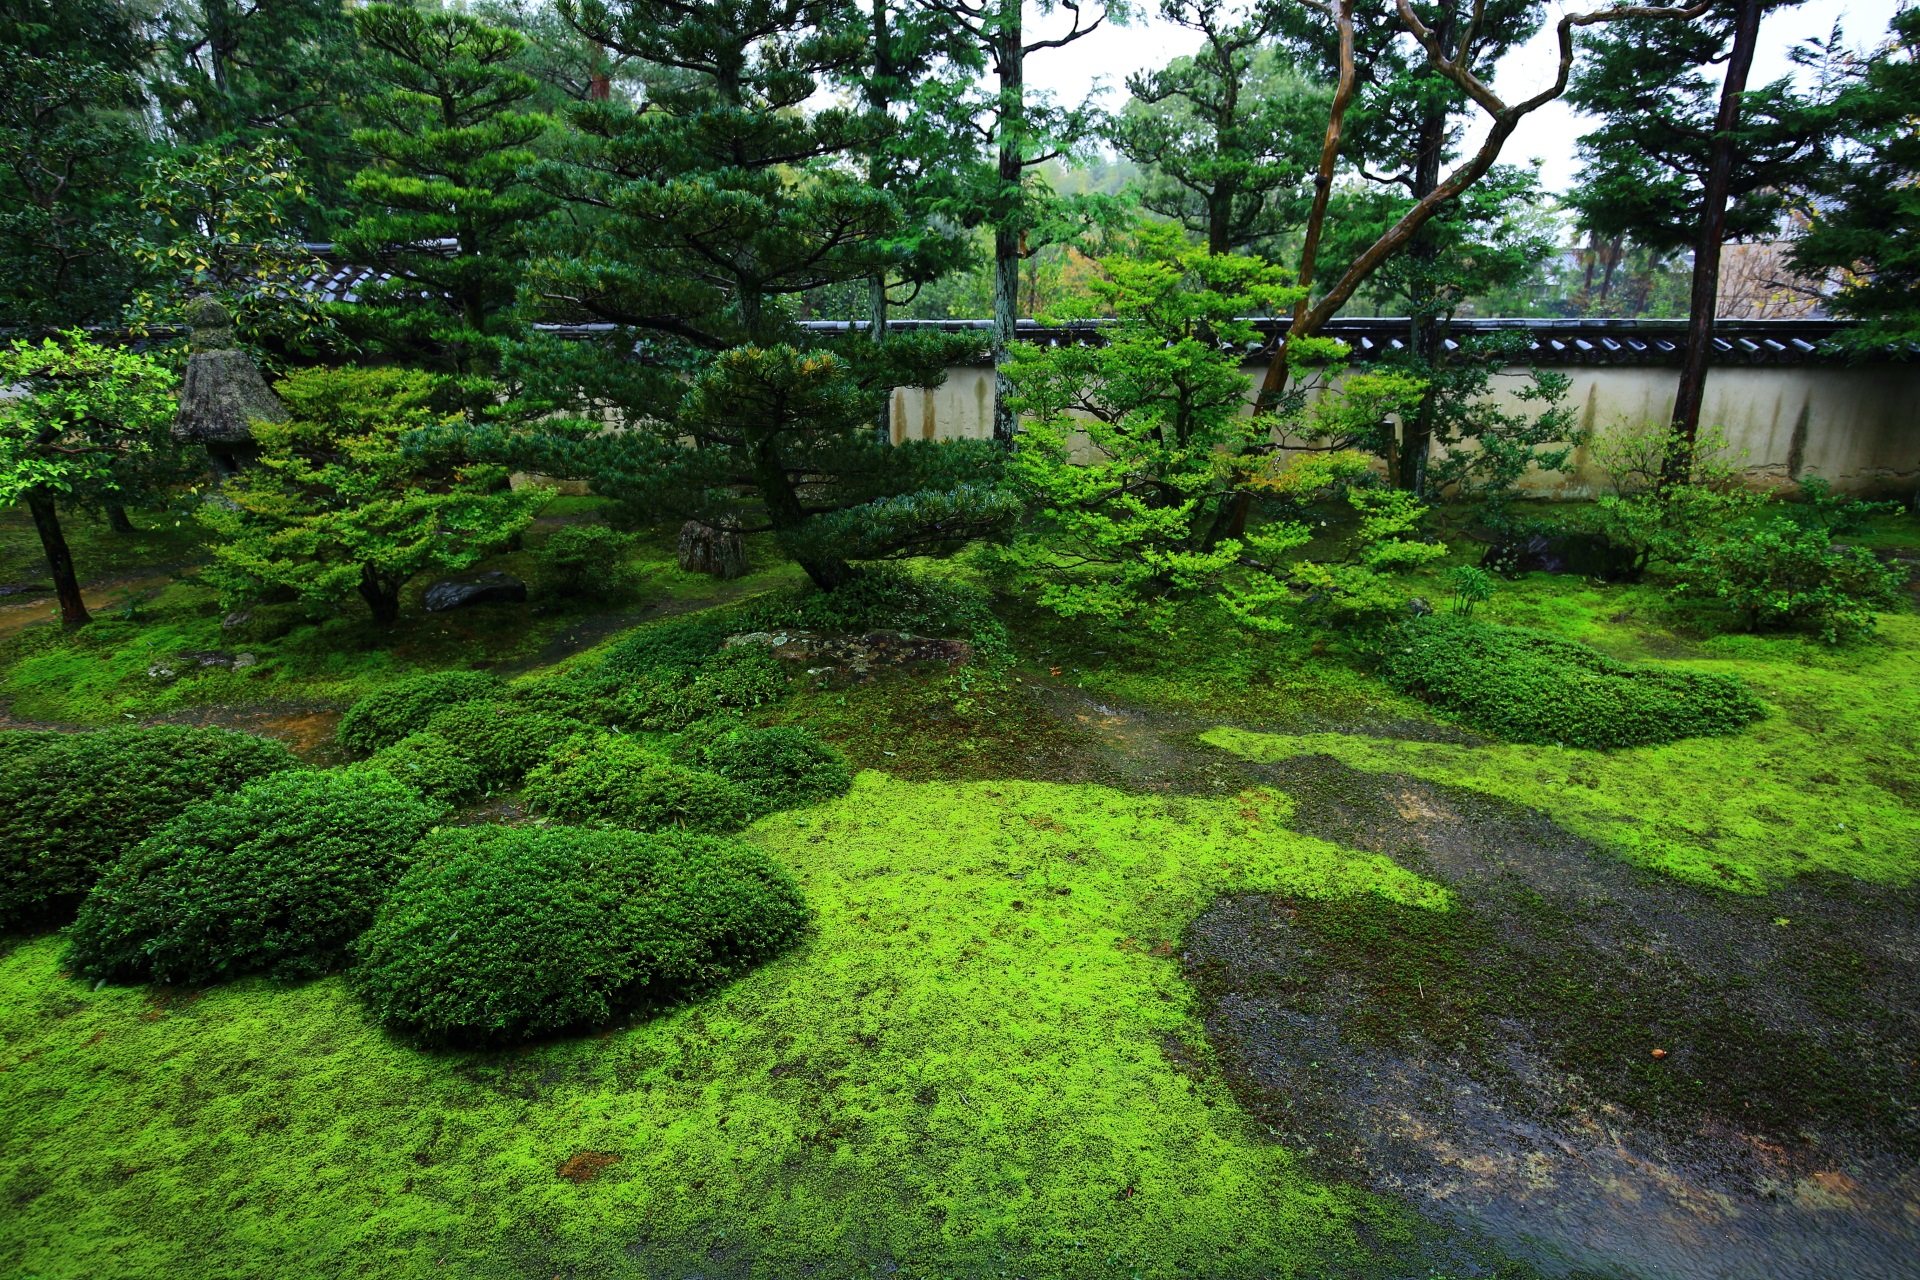 砂苔と杉苔の二色の苔の大雄院庭園